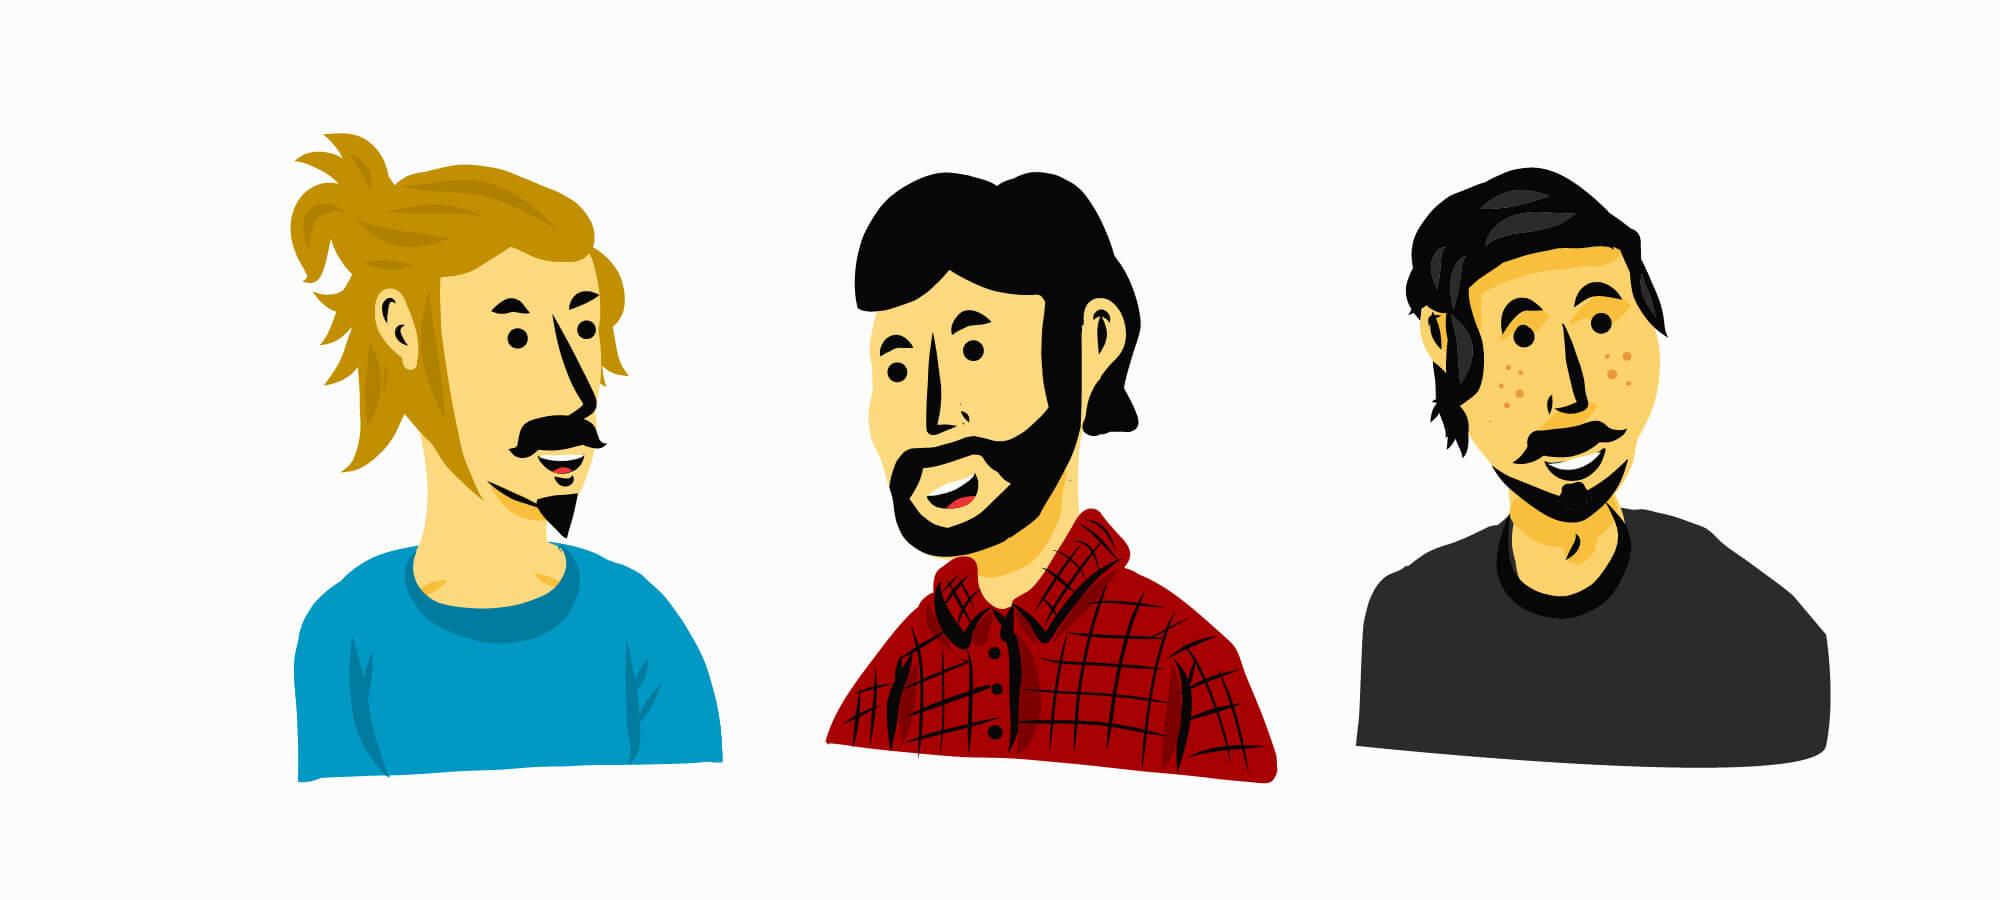 Illustrationen Mitarbeiter Schweizer IT Unternehmen